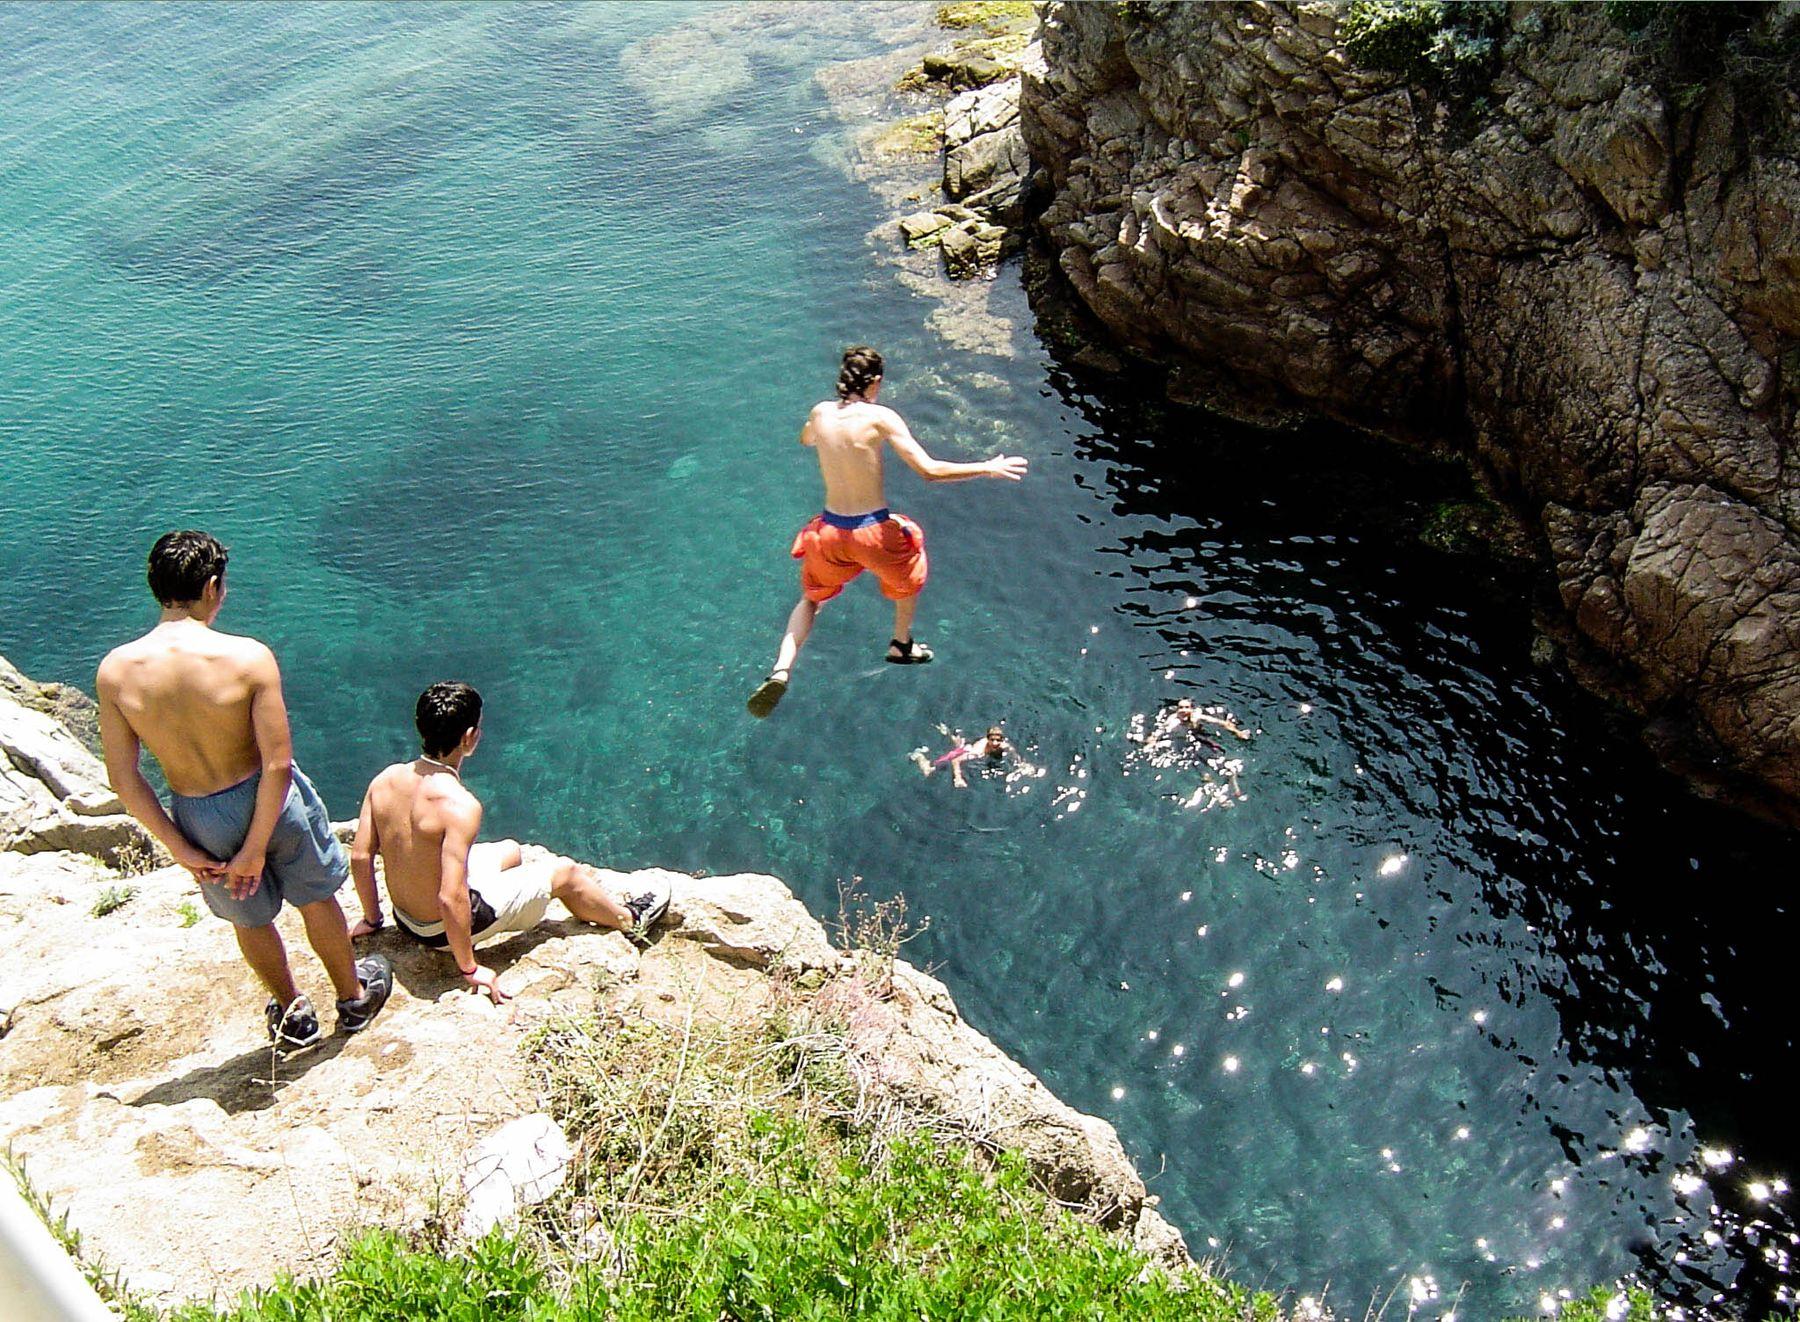 Разбежавшись прыгну со скалы... (Бланес, Испания, 22.06.2005)